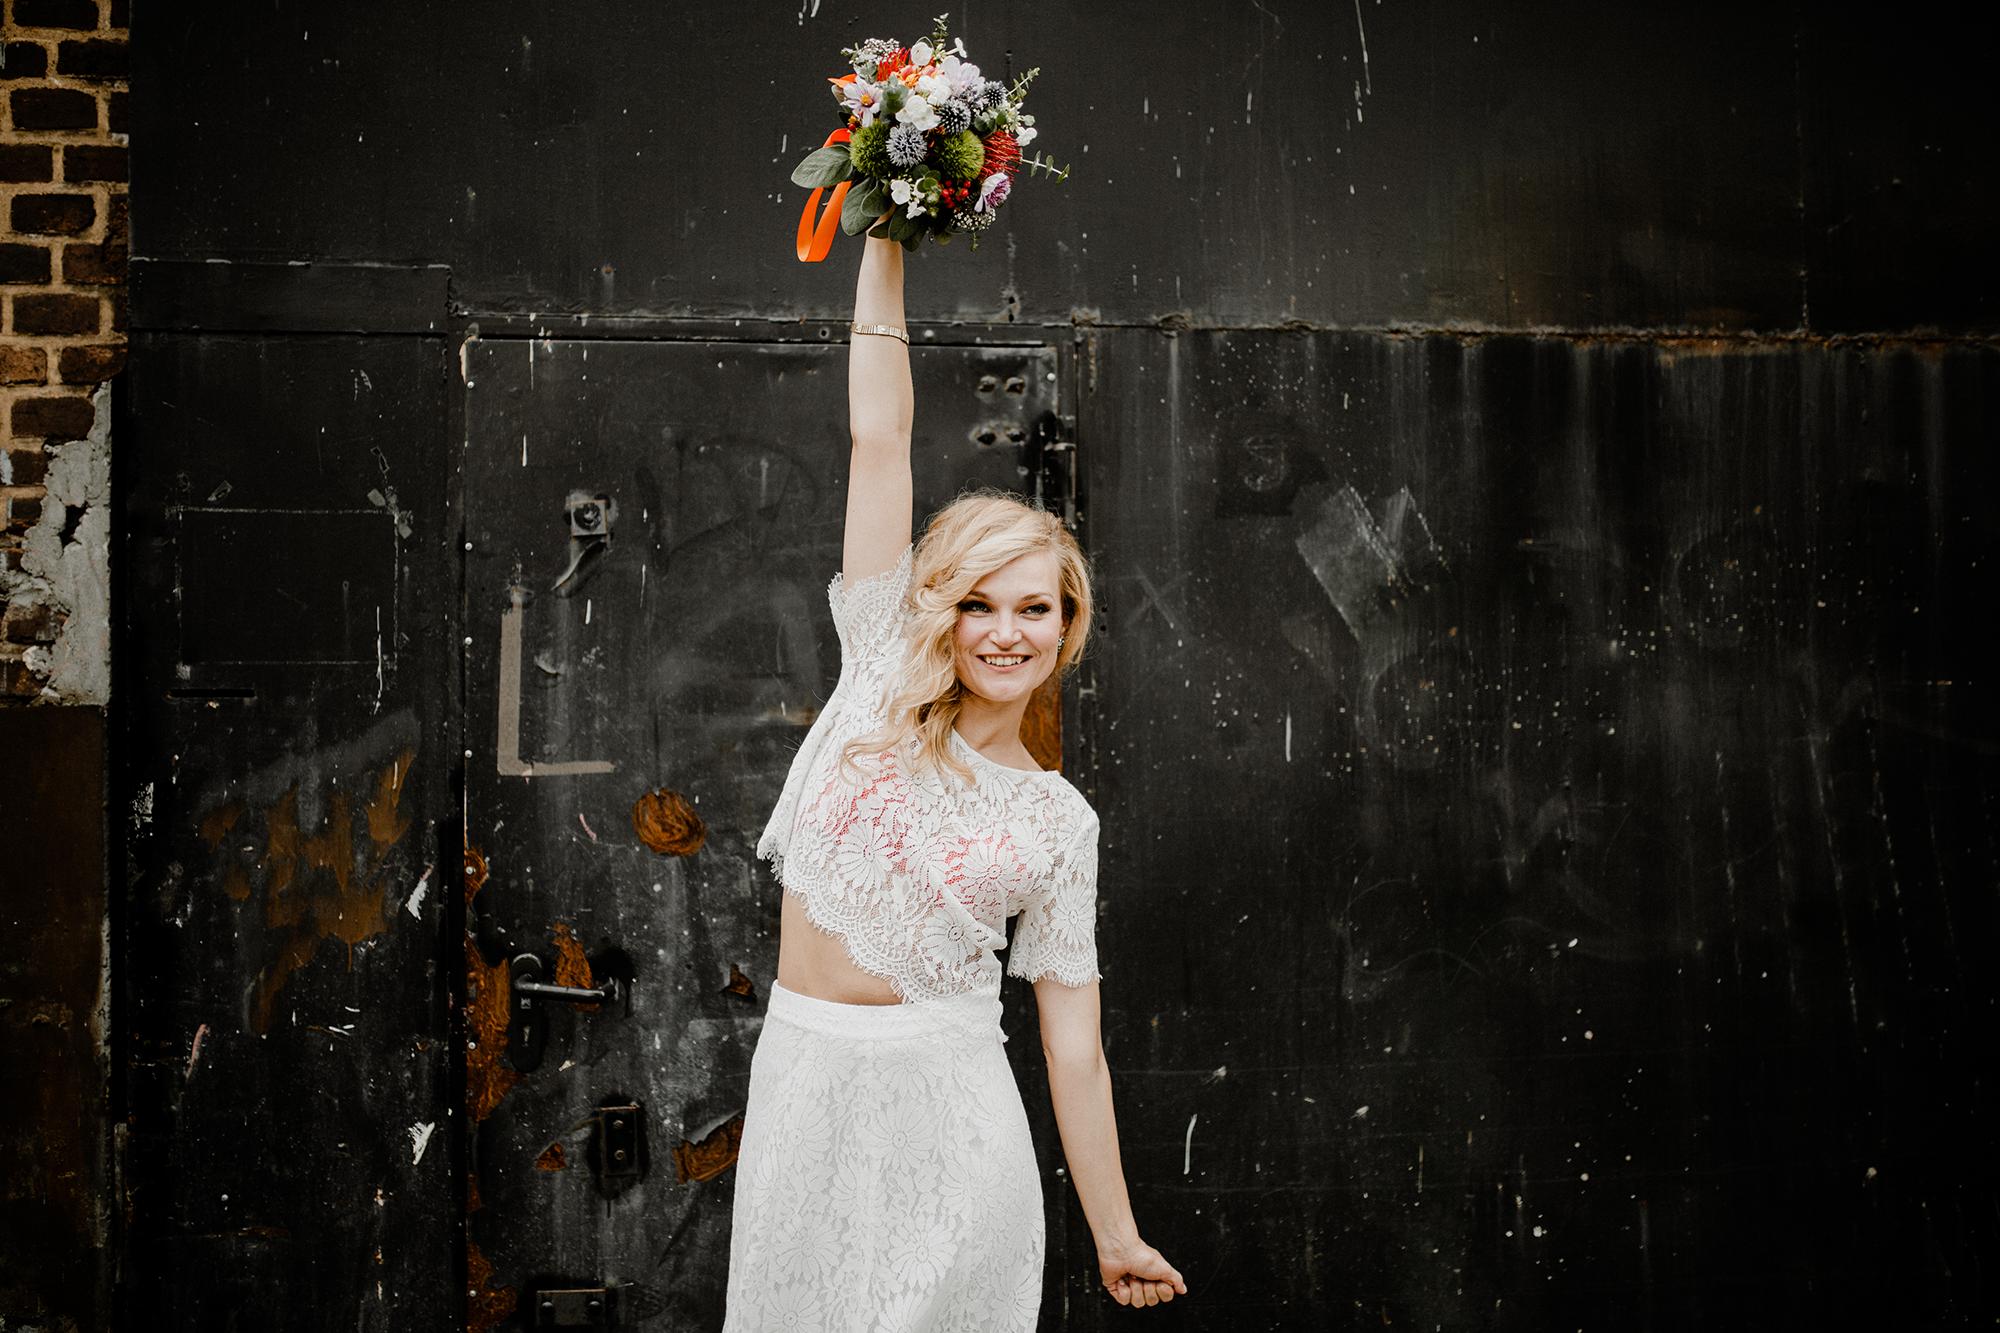 Hochzeitsfotograf-Hamburg_Hochzeit-Hamburg_Heiraten-Hamburg_Maria-und-Linda_Maria-Linda